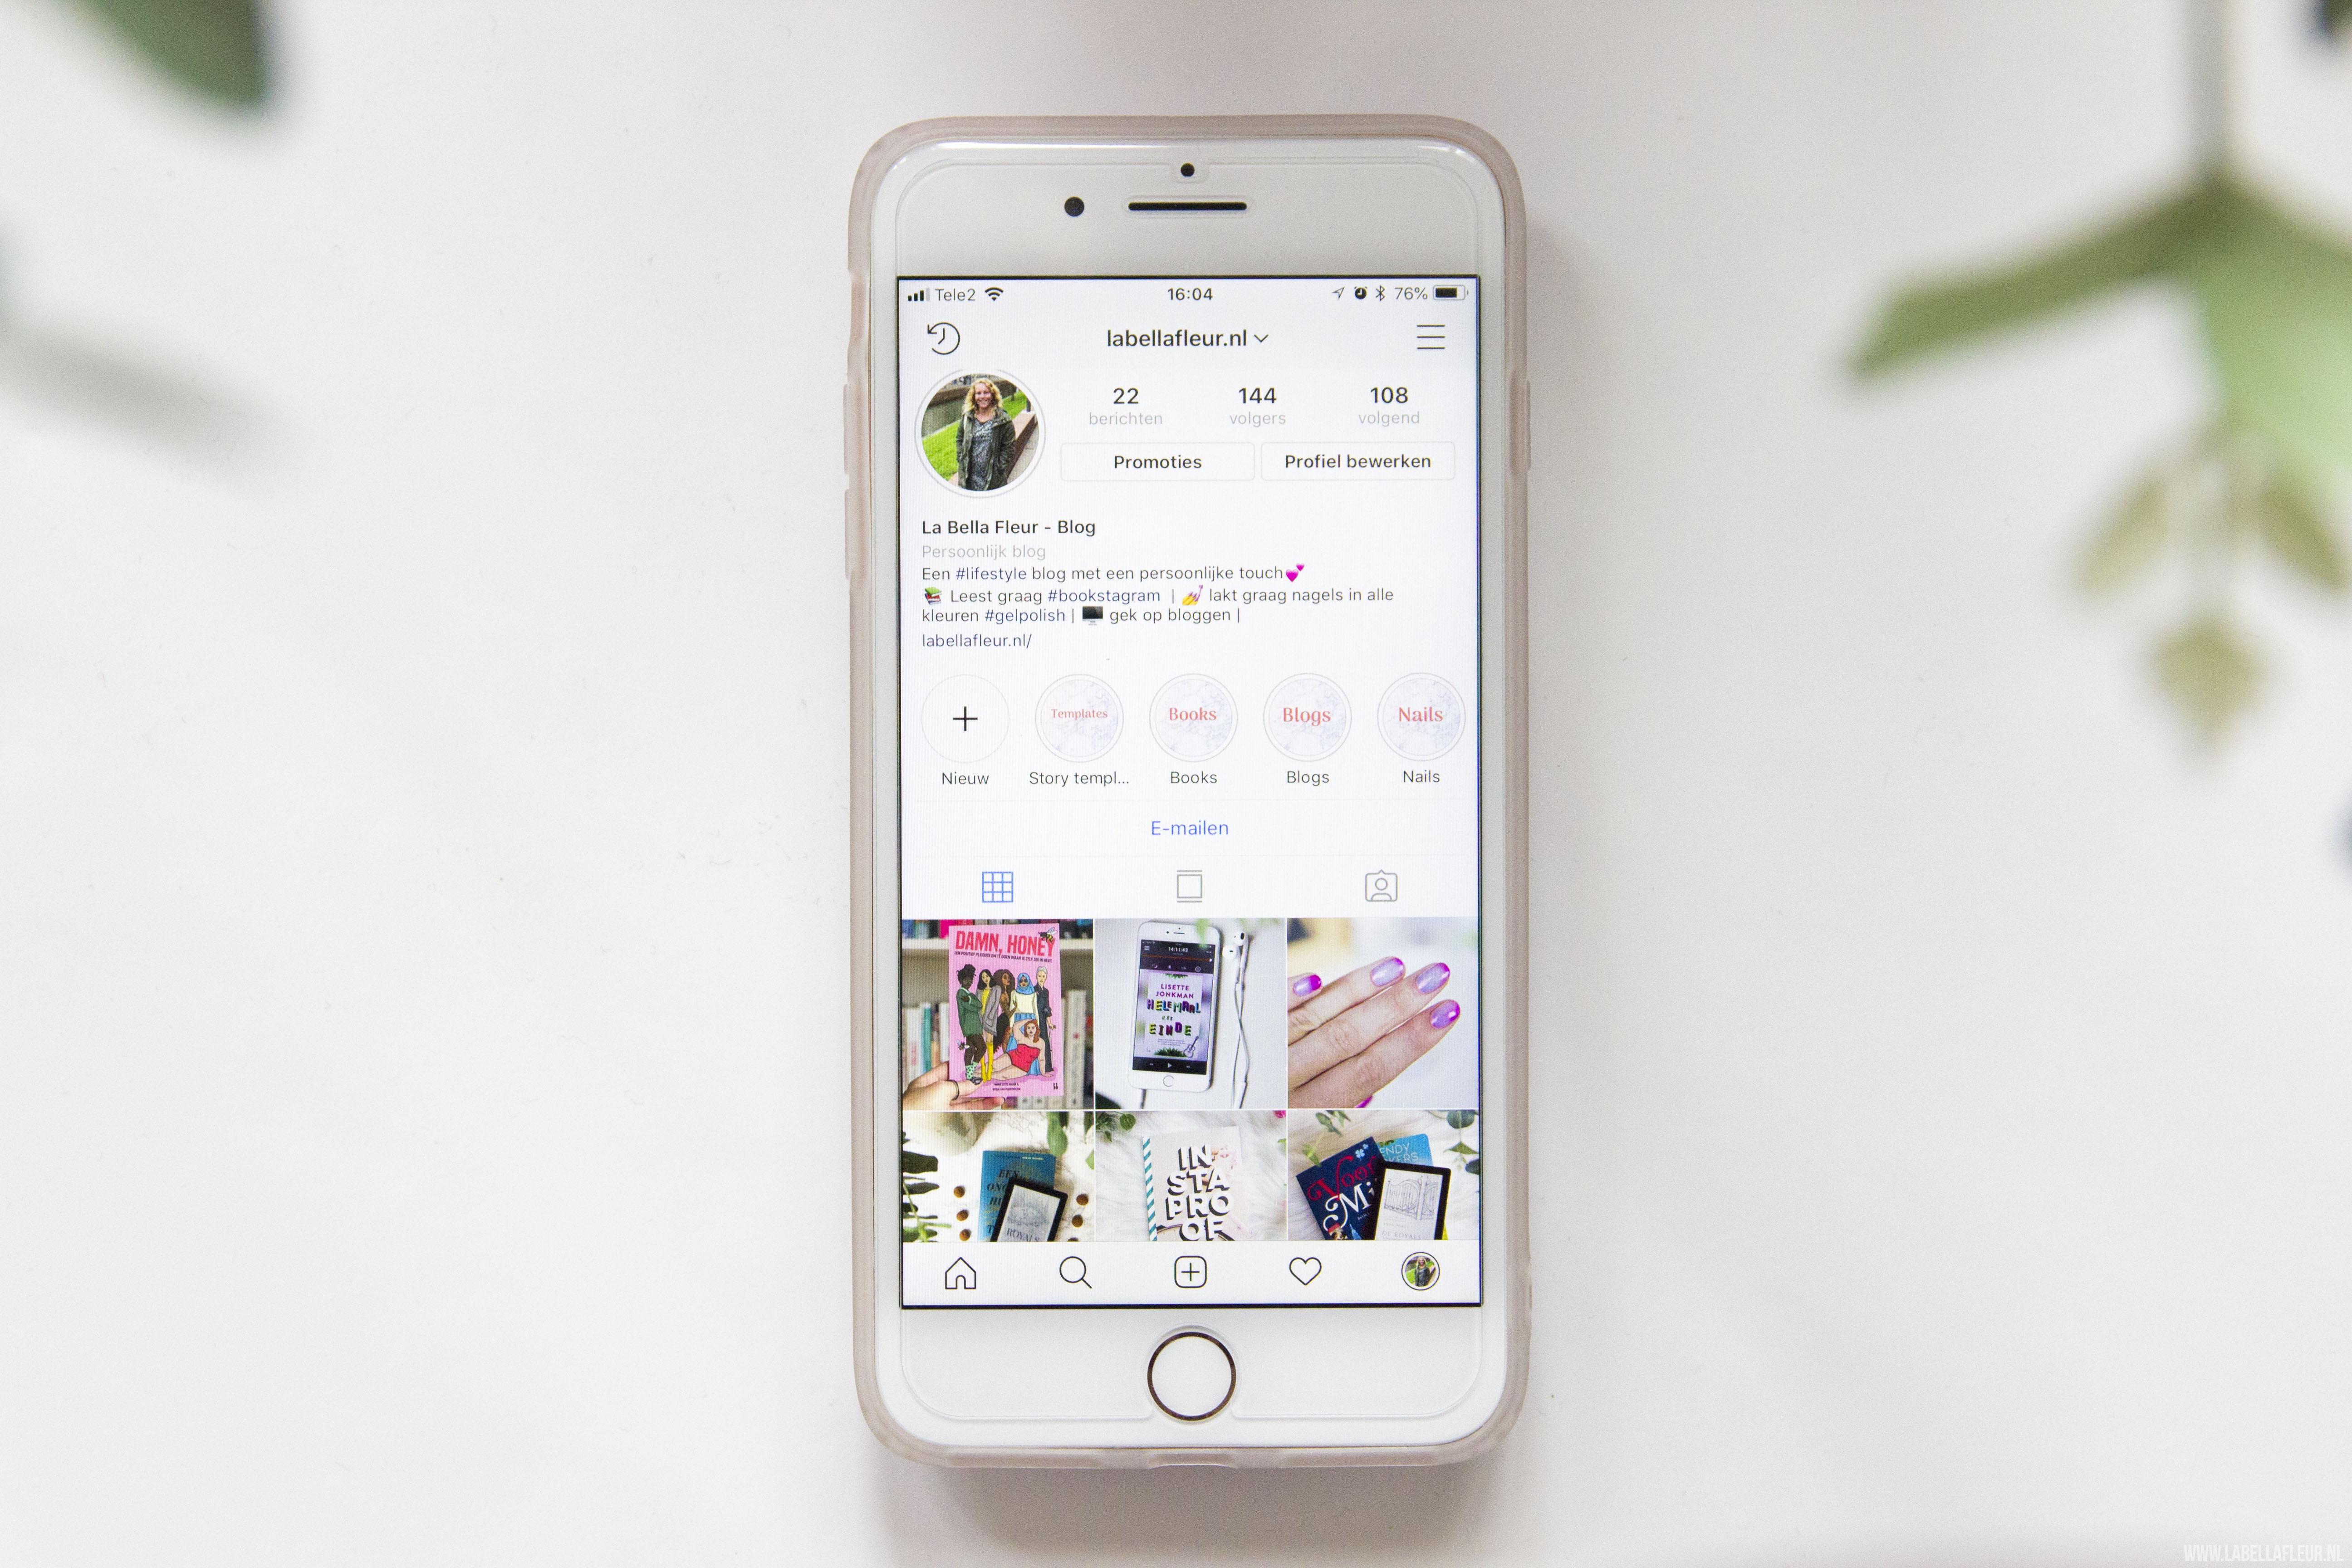 Instagram, bookstagram, openbaar profiel